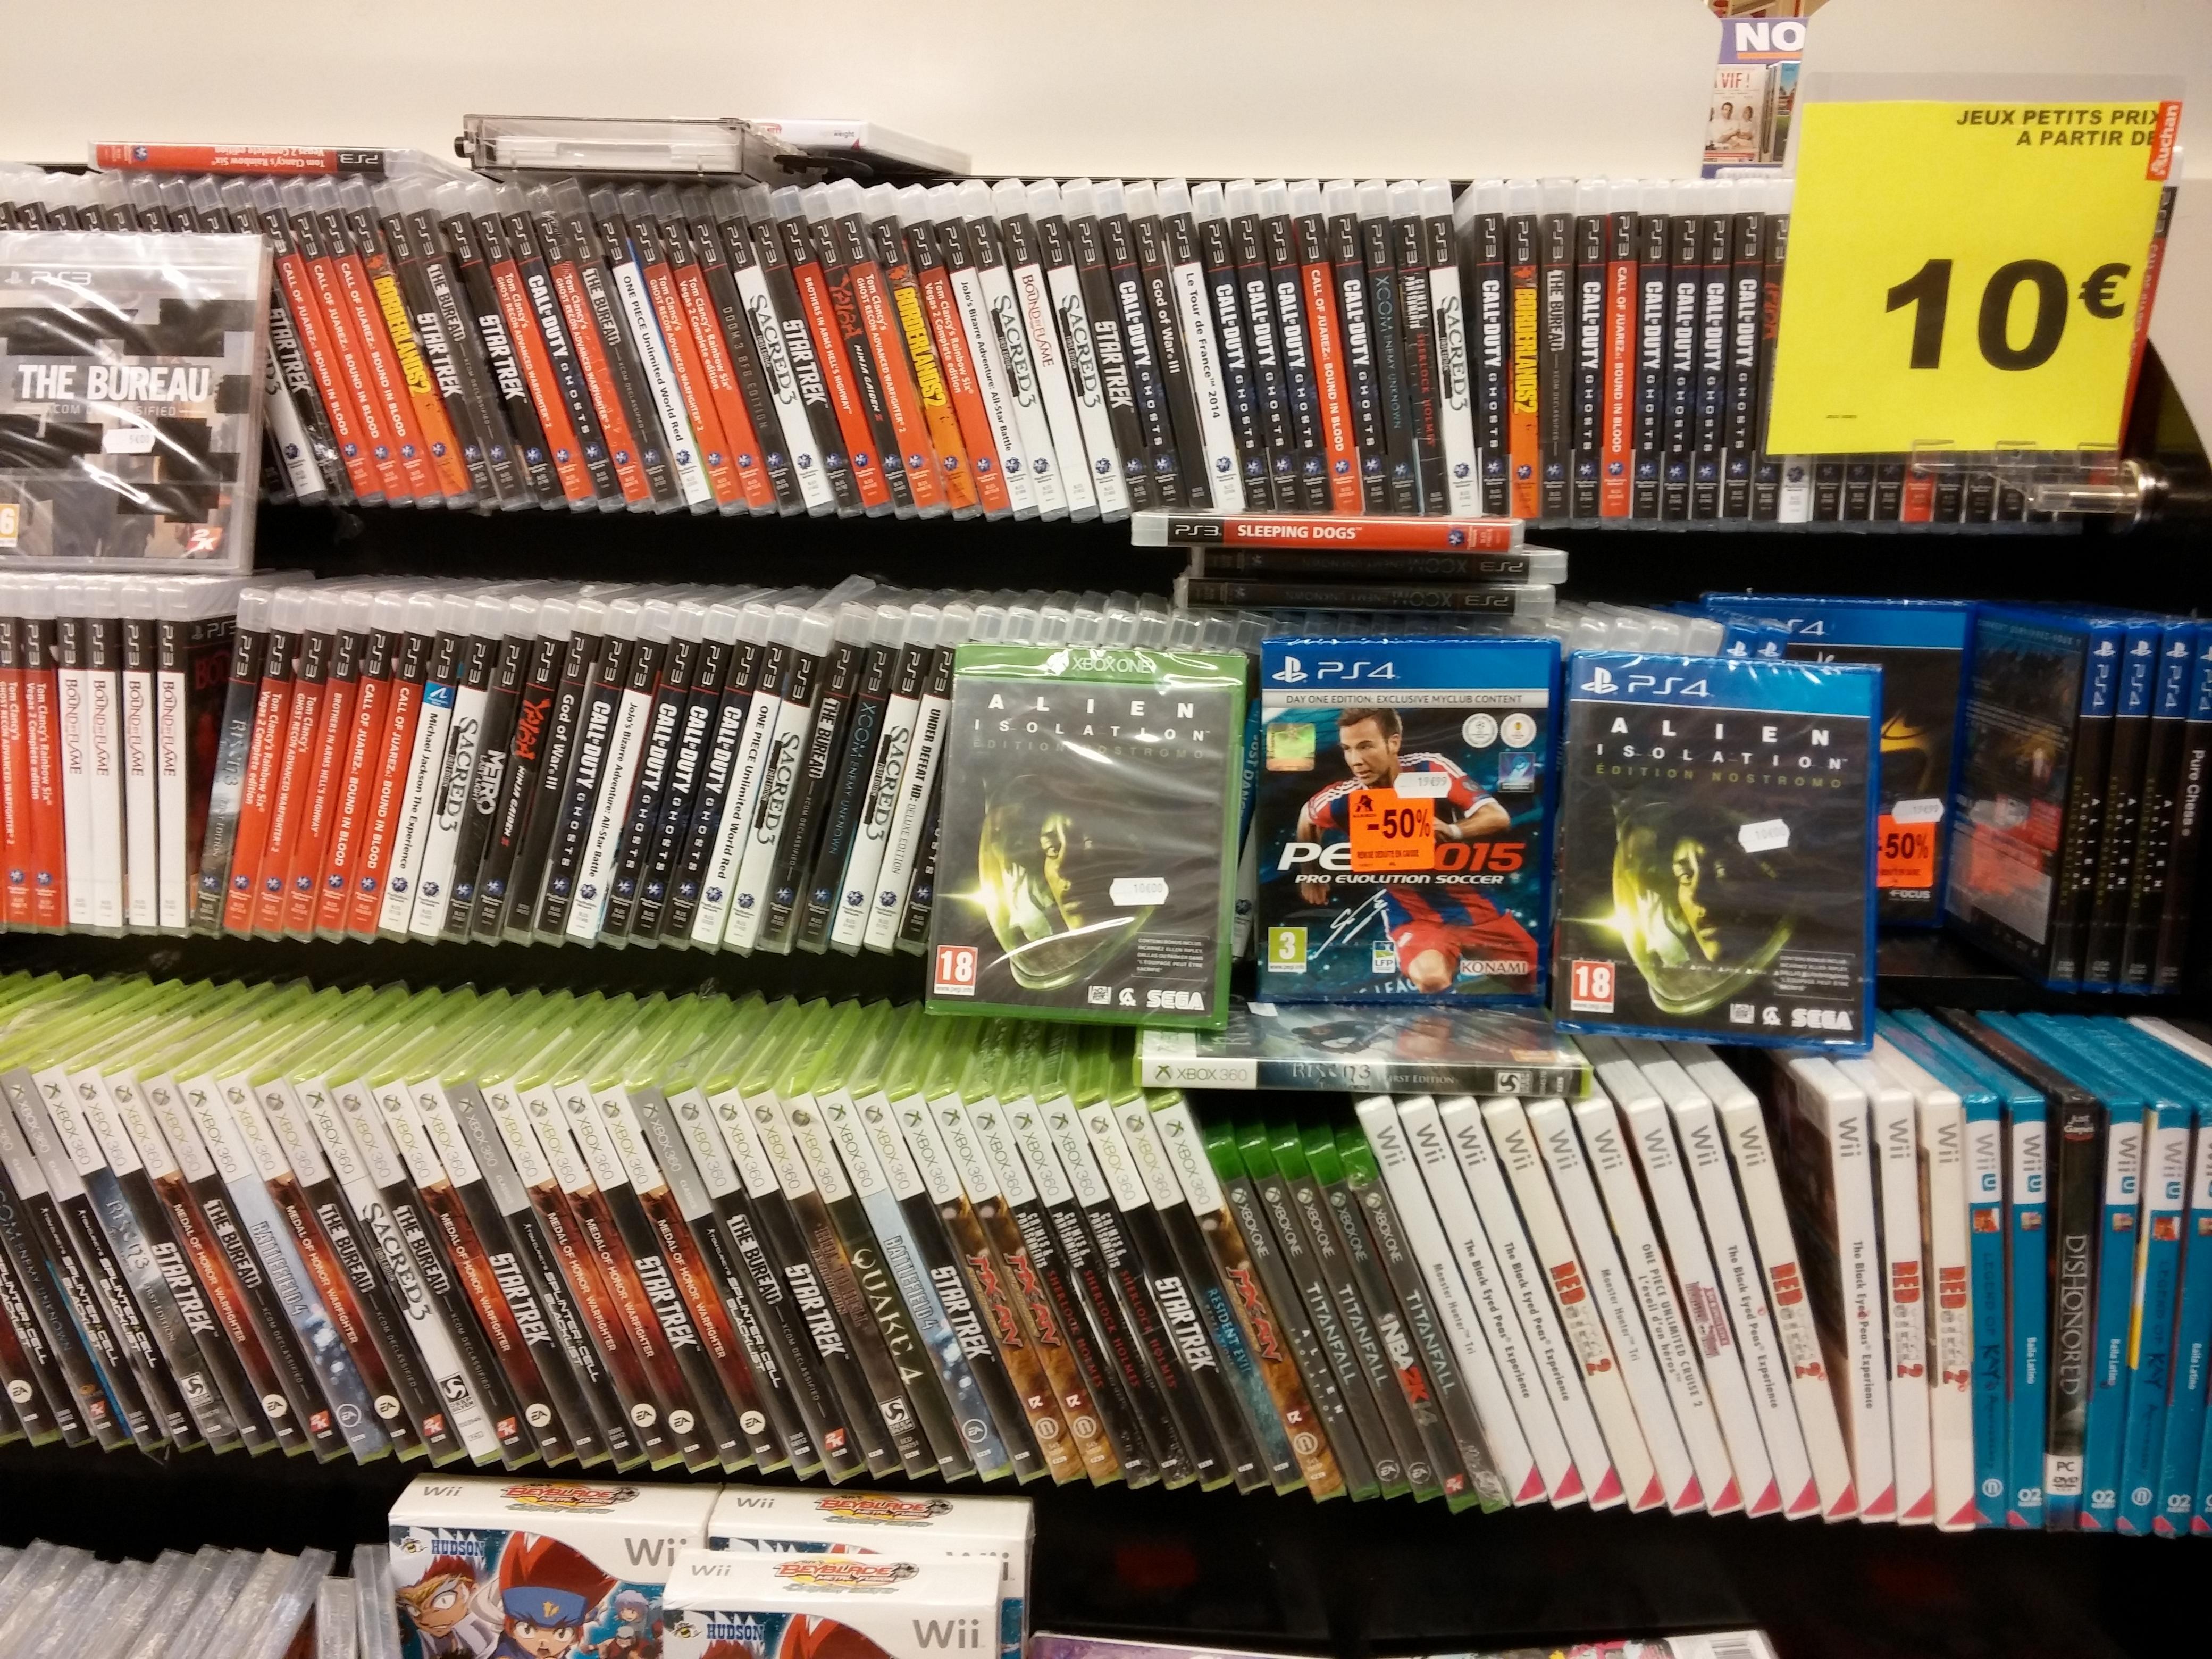 Sélection de jeux PS3/PS4 /WII/XBOX 360/PSP/DS en promotion - Ex : Alien Isolation Edition Nostromo sur Xbox One ou PS4